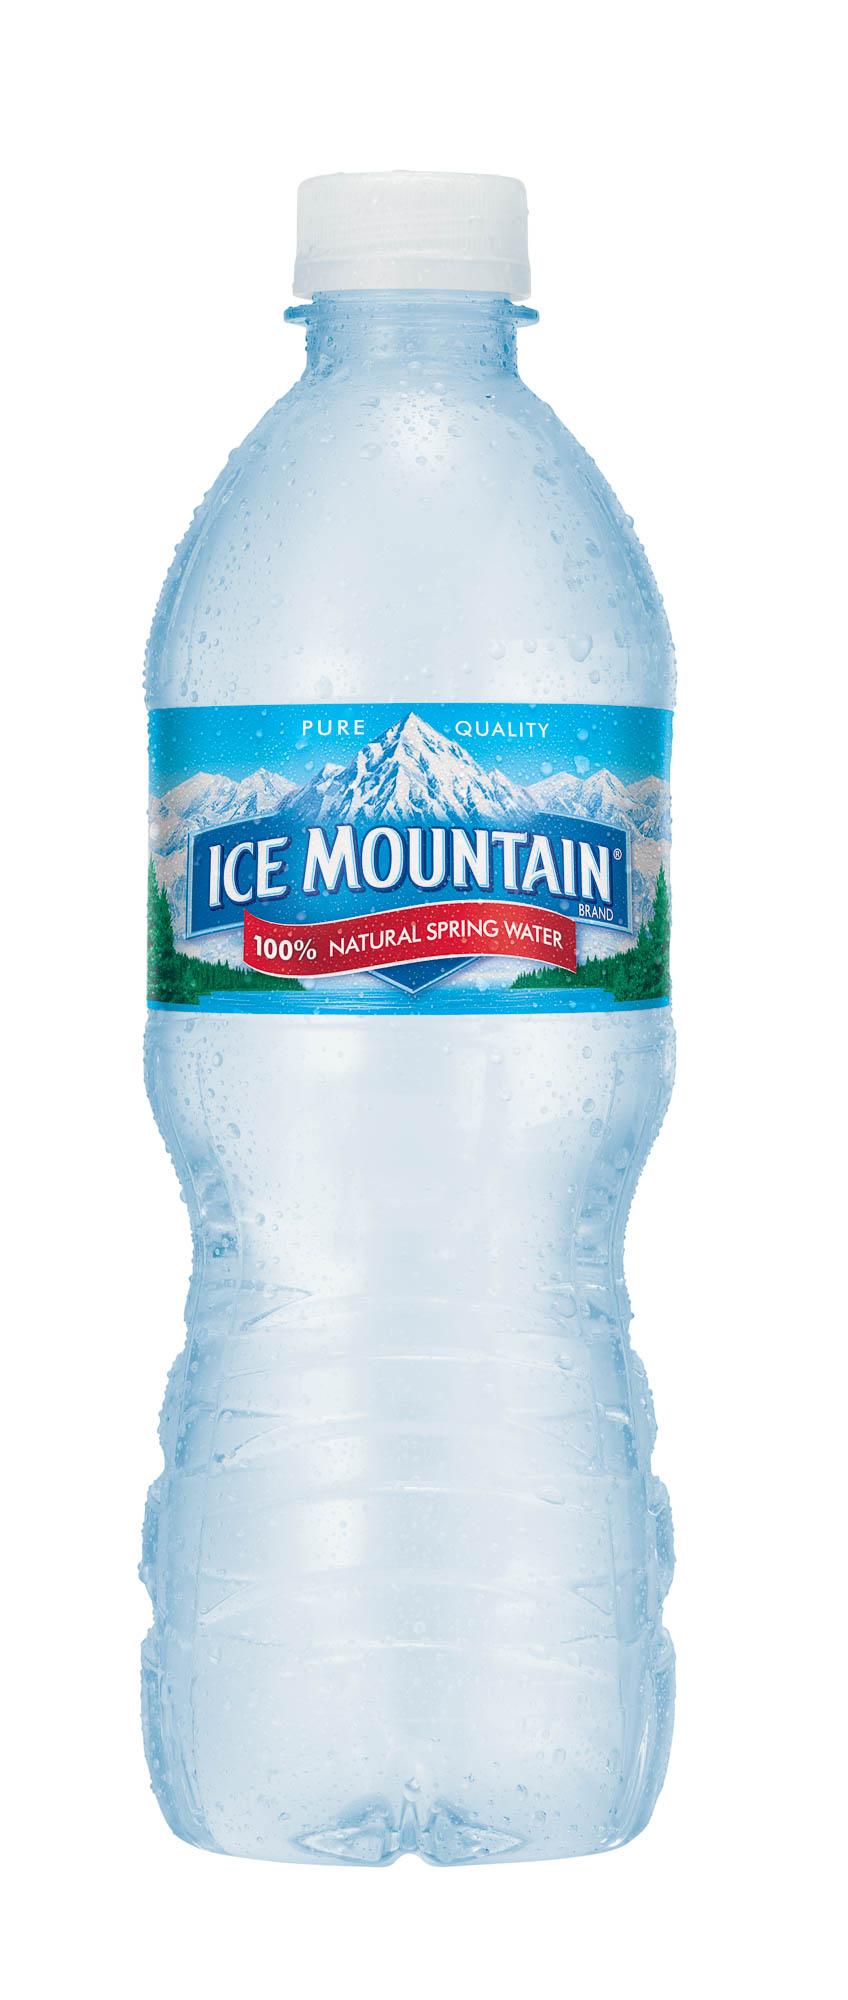 IceMountain_hl_eco_str_wet.jpg